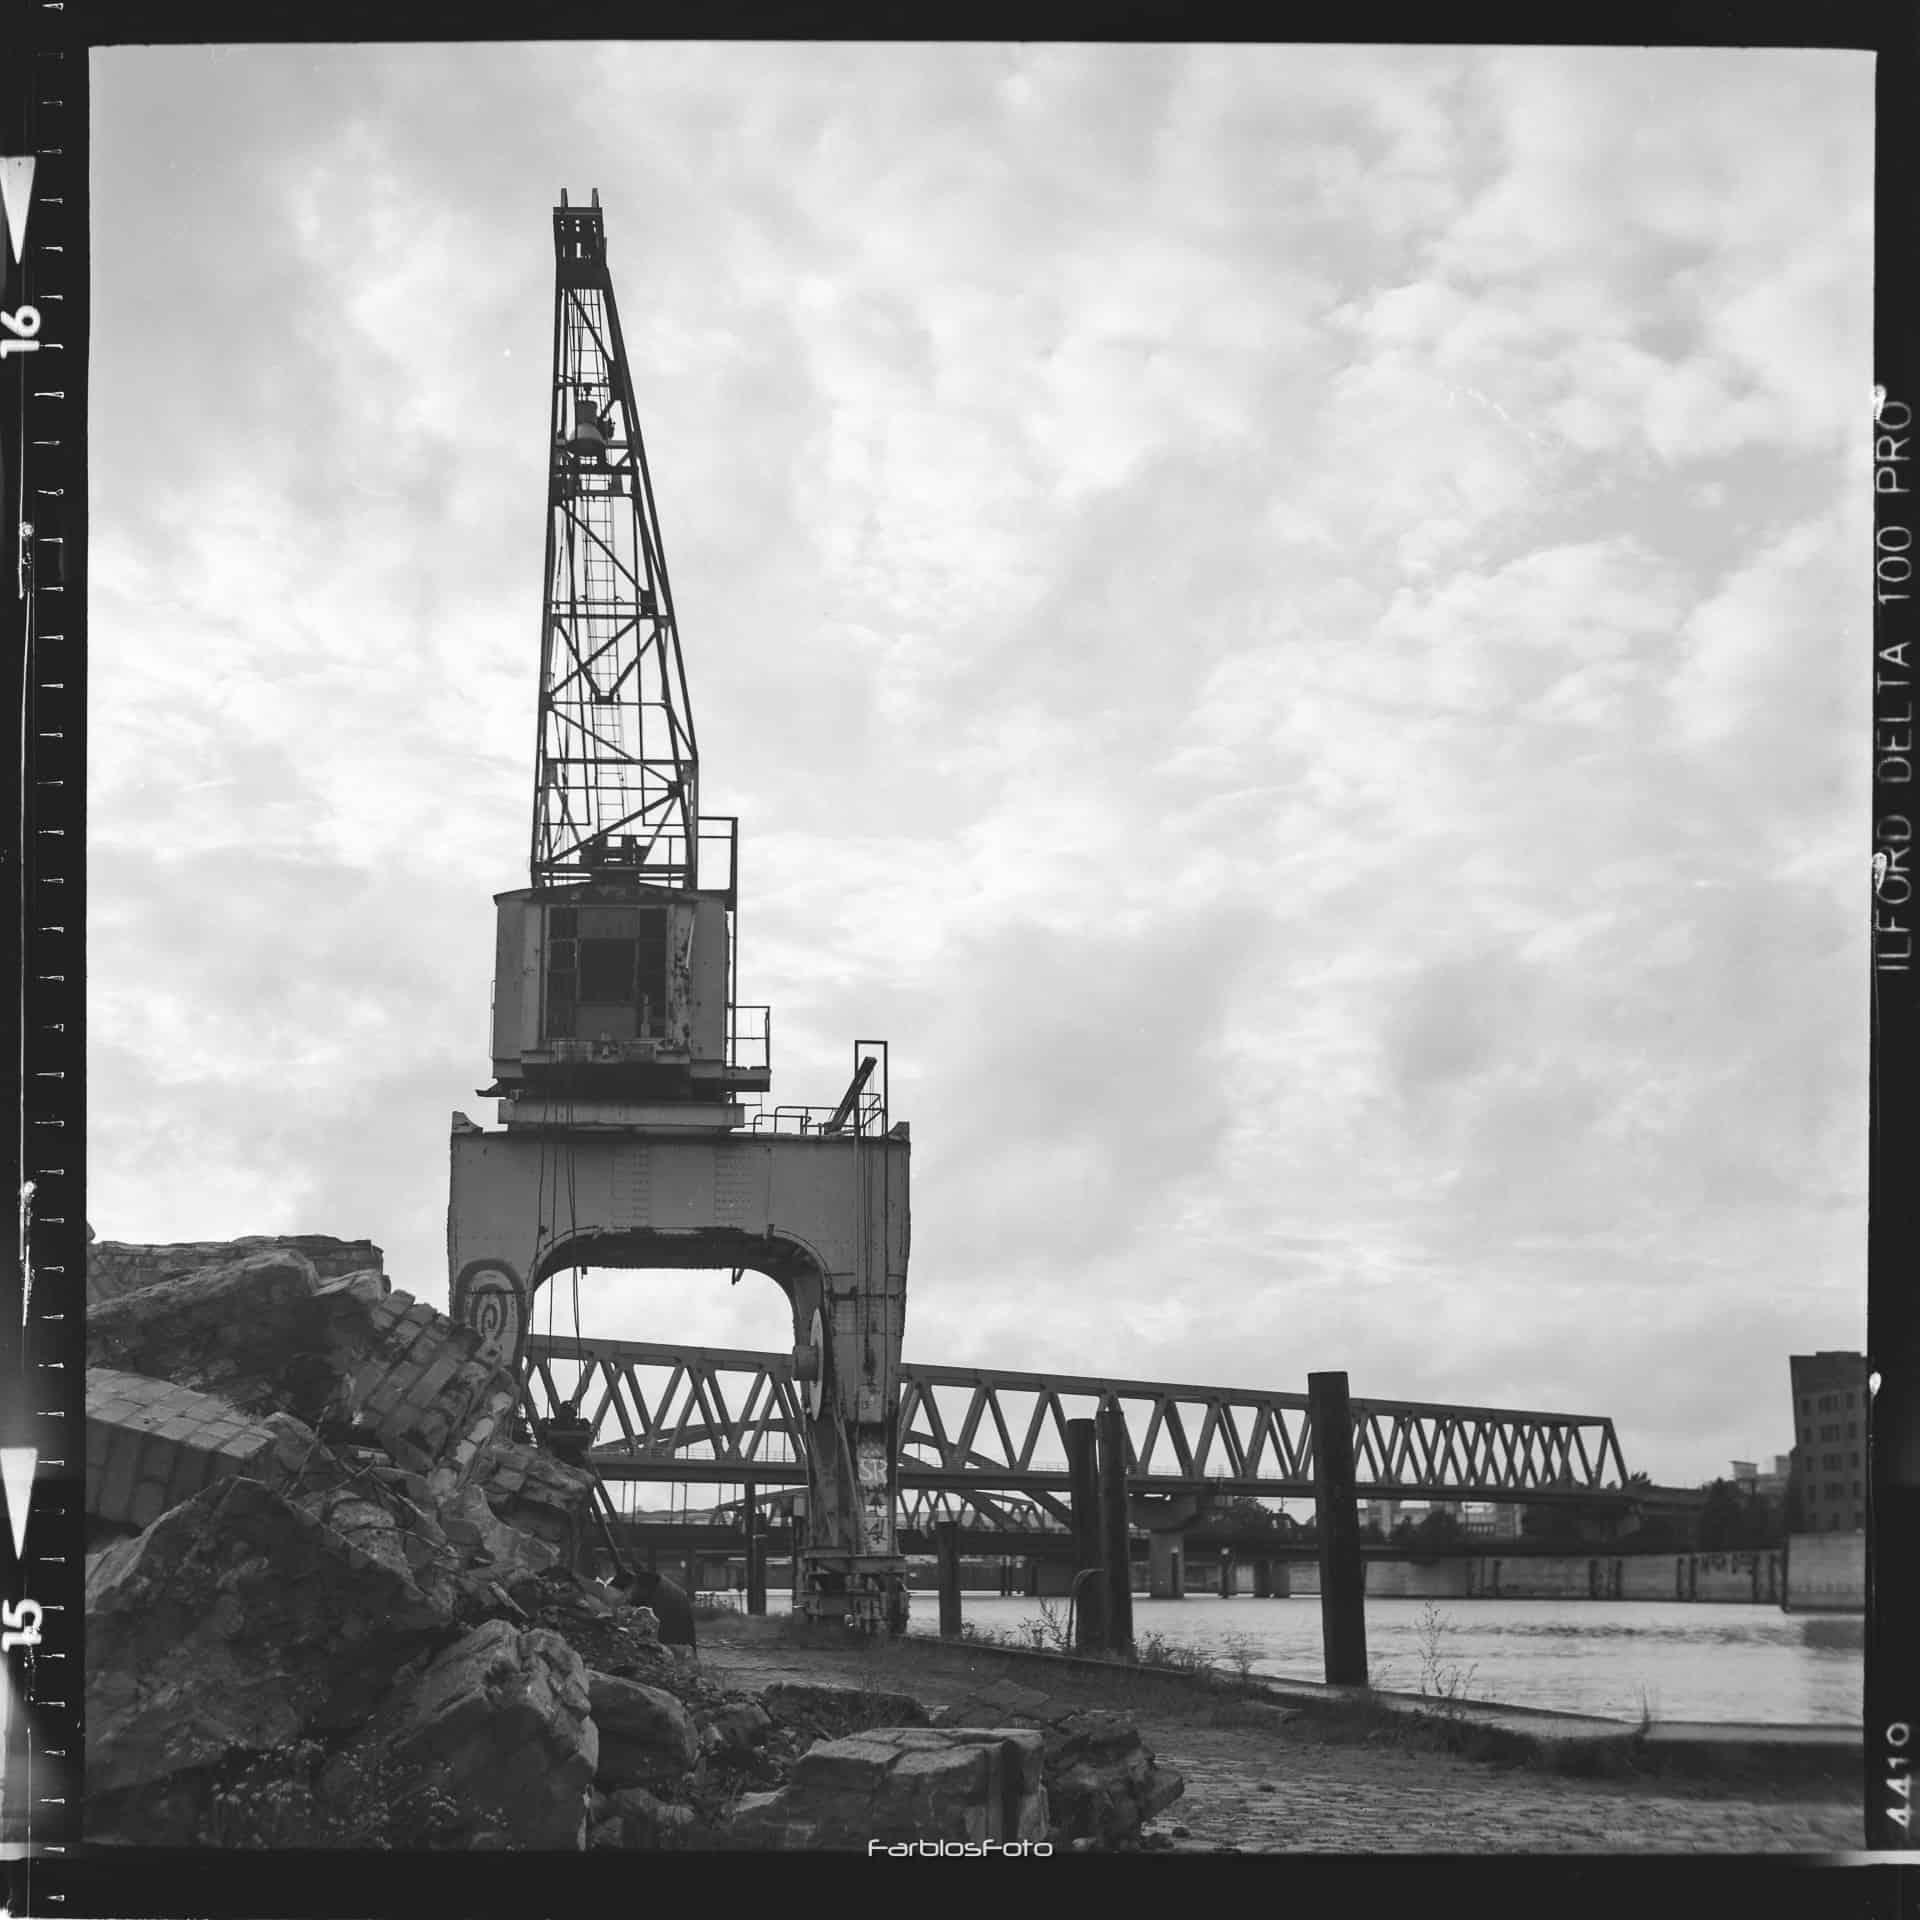 Alter Kran am Billhafen auf Ilford Delta 100 Pro